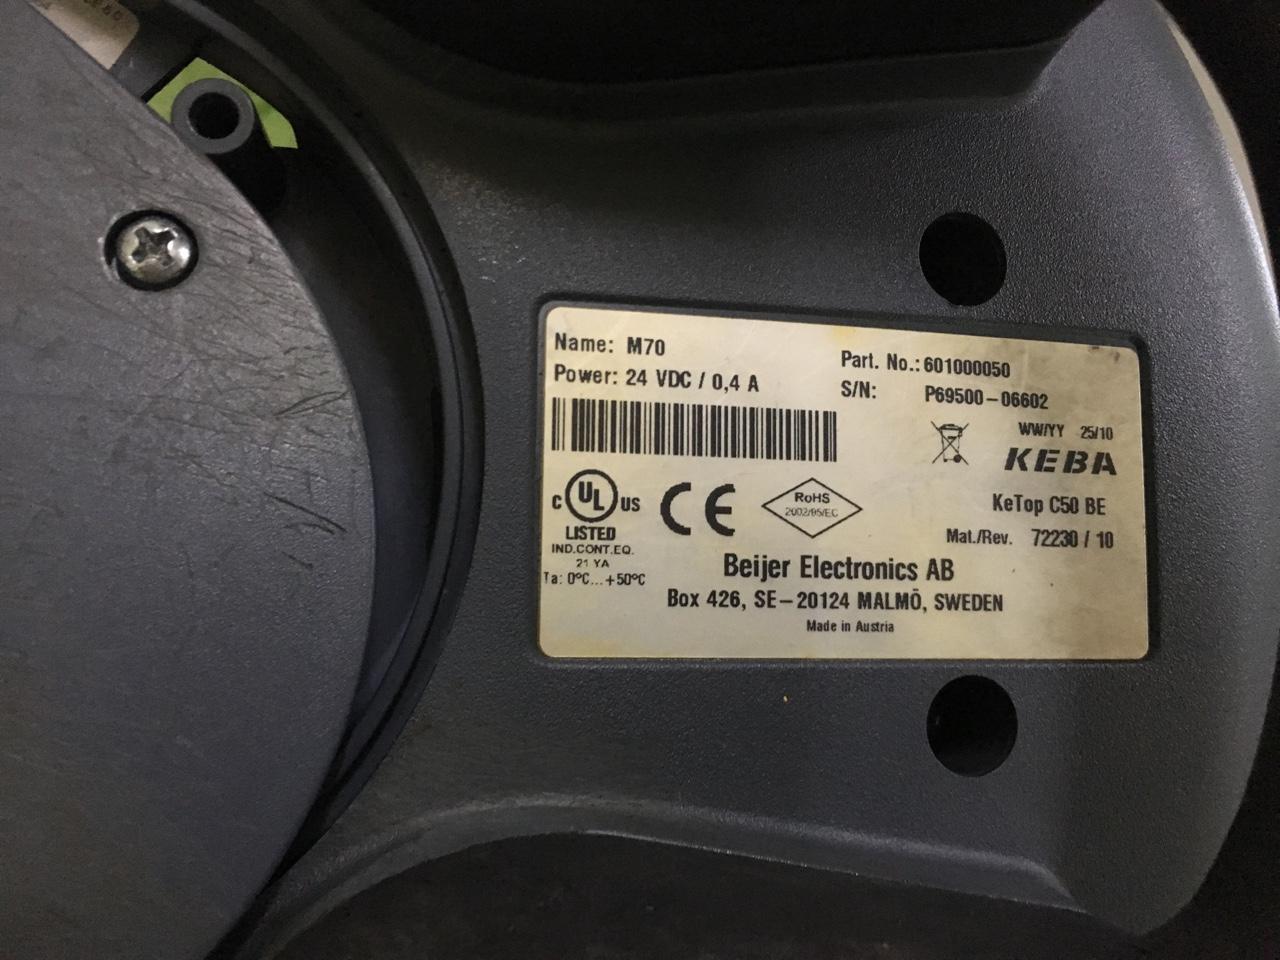 Chuyên sửa chữa màn hình Ketop C50 BE các lỗi phần cứng và model các hãng. Hotline: 0942.043.053(zalo) hoặc 0977.130.973 (zalo)